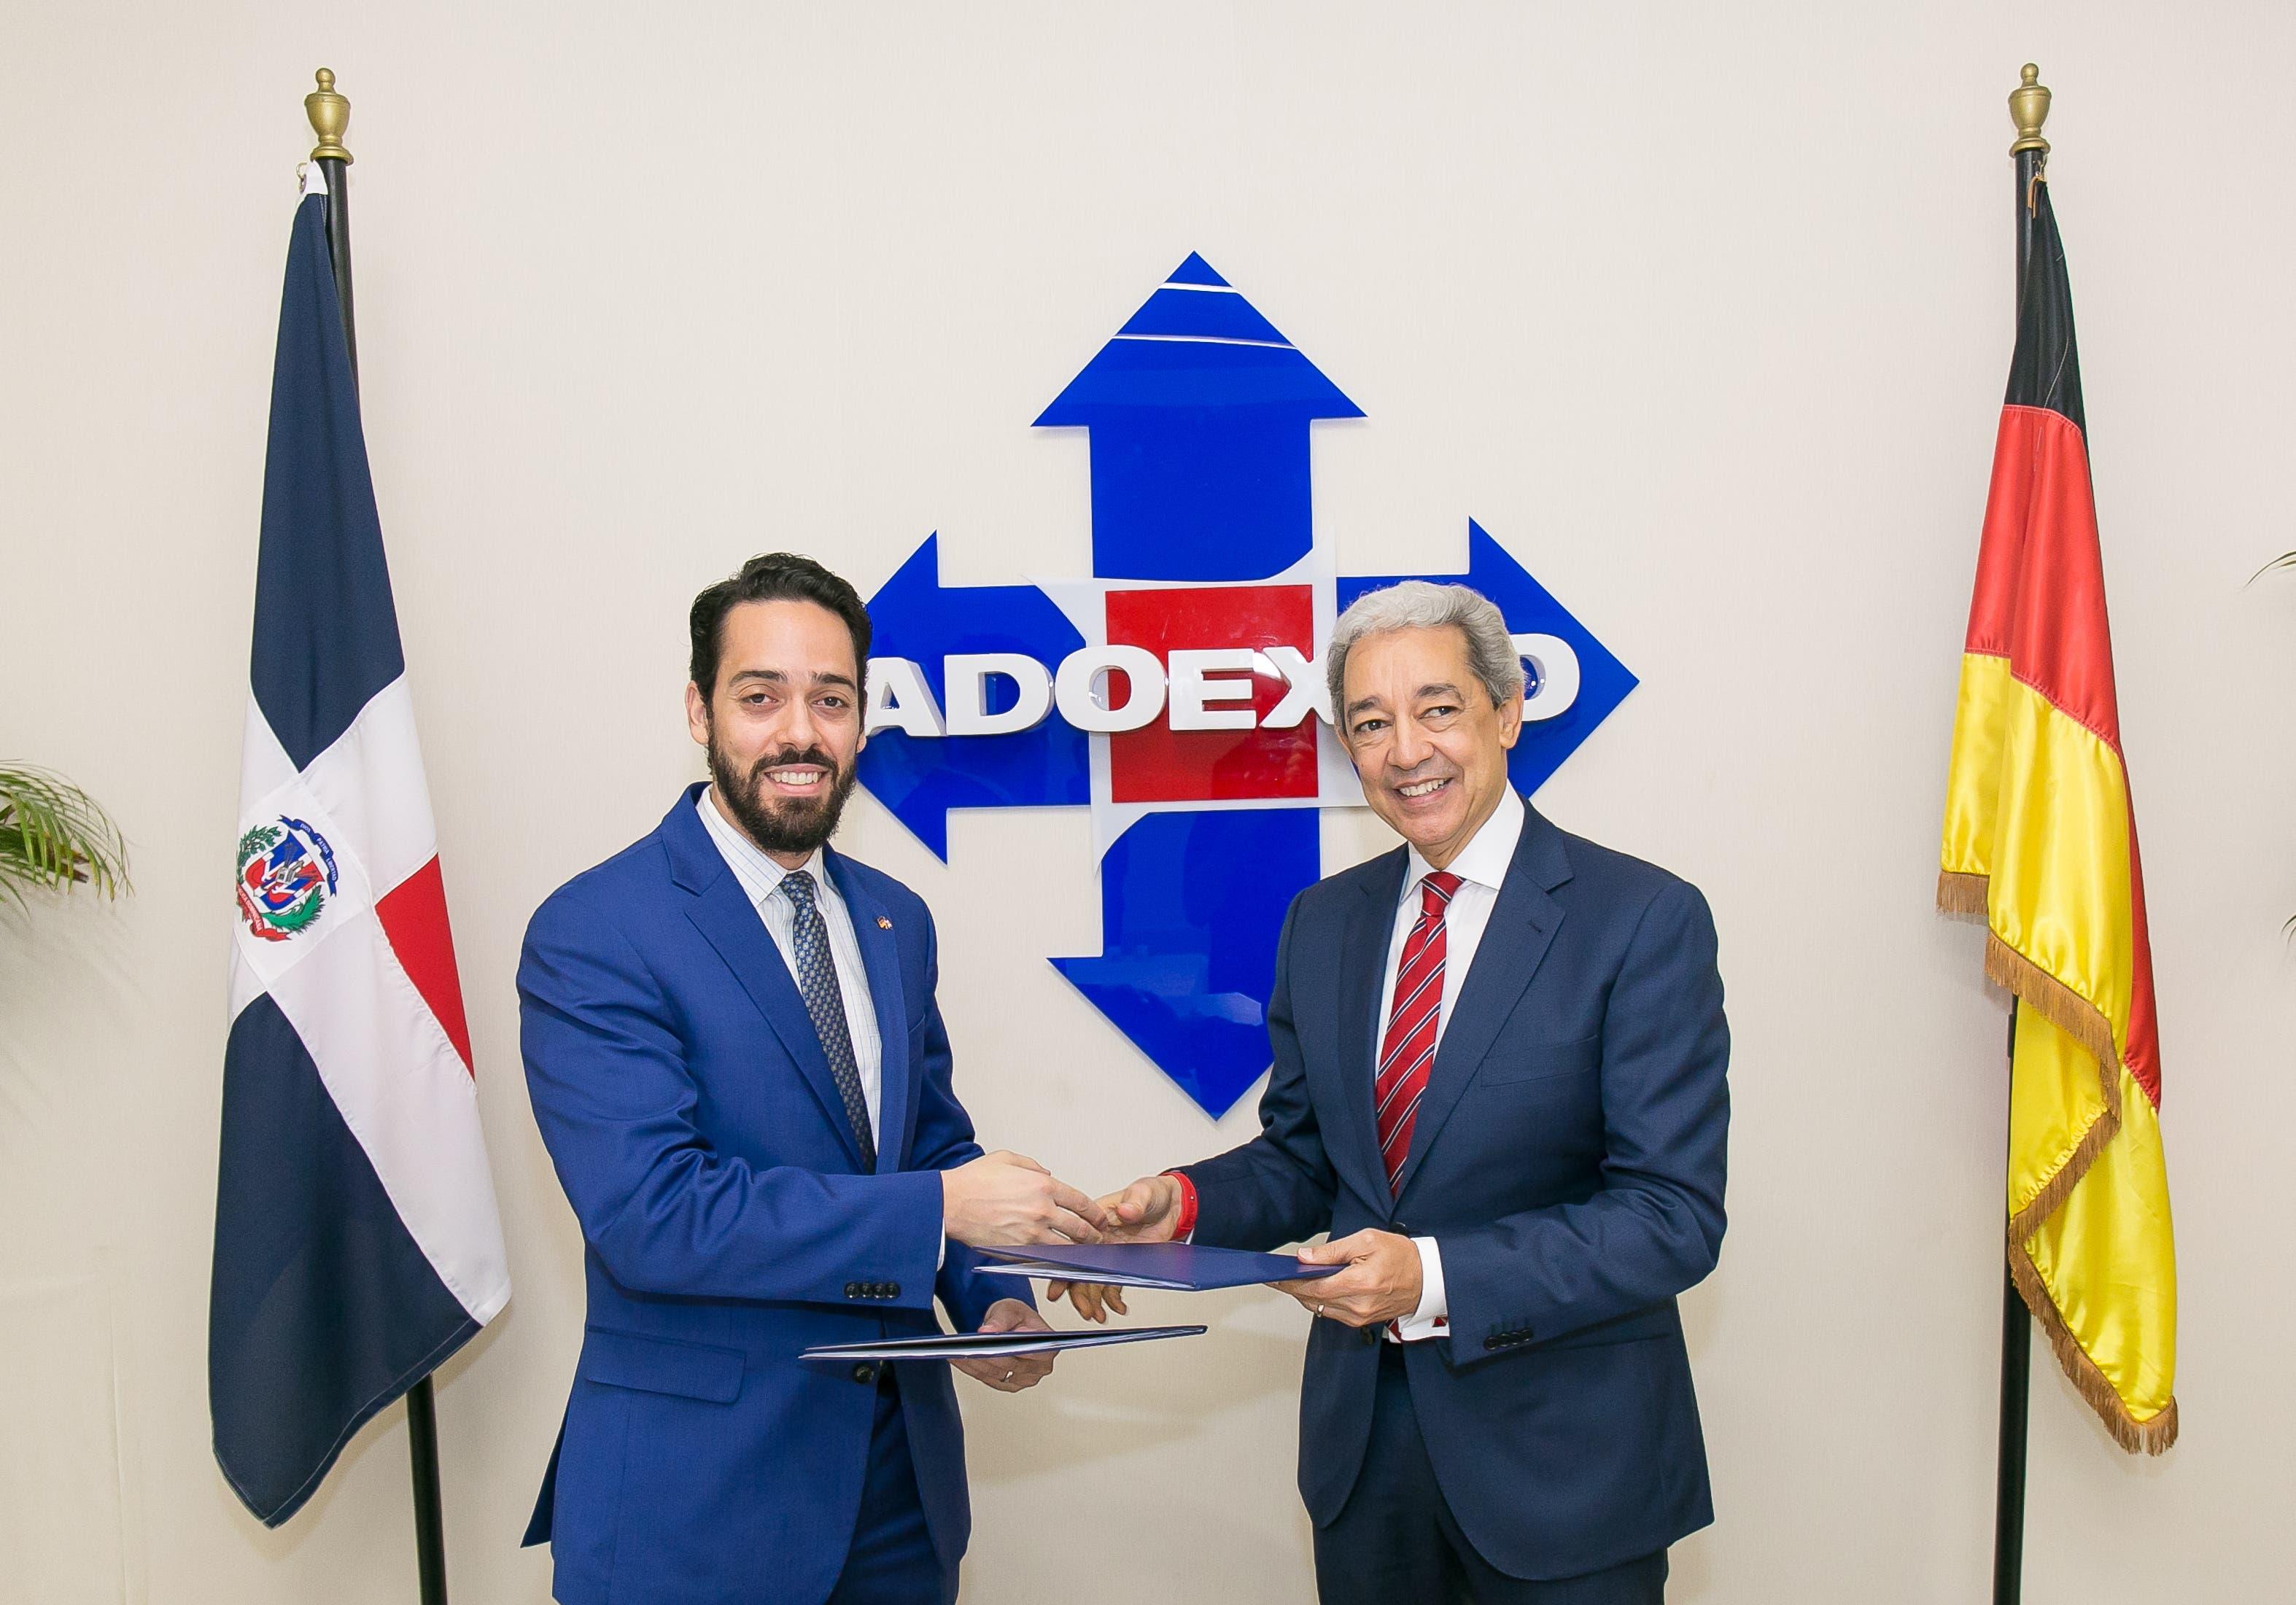 Adoexpo y CC-DA promoverán comercio y exportación entre Alemania y RD